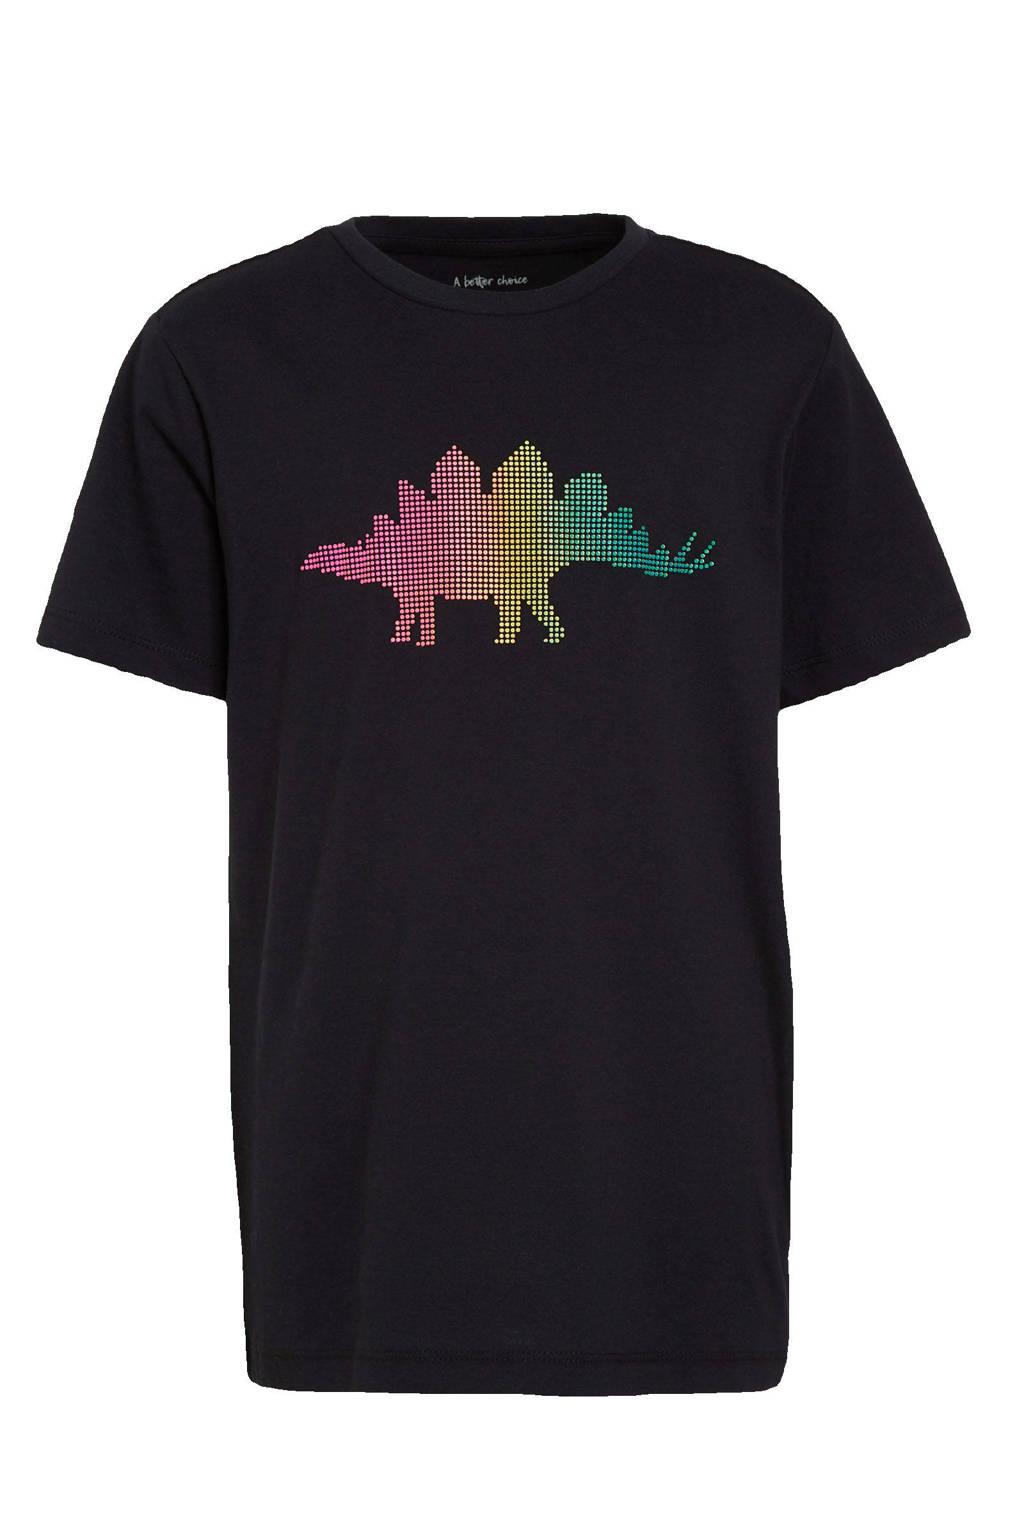 Ellos T-shirt Liam met printopdruk zwart, Zwart